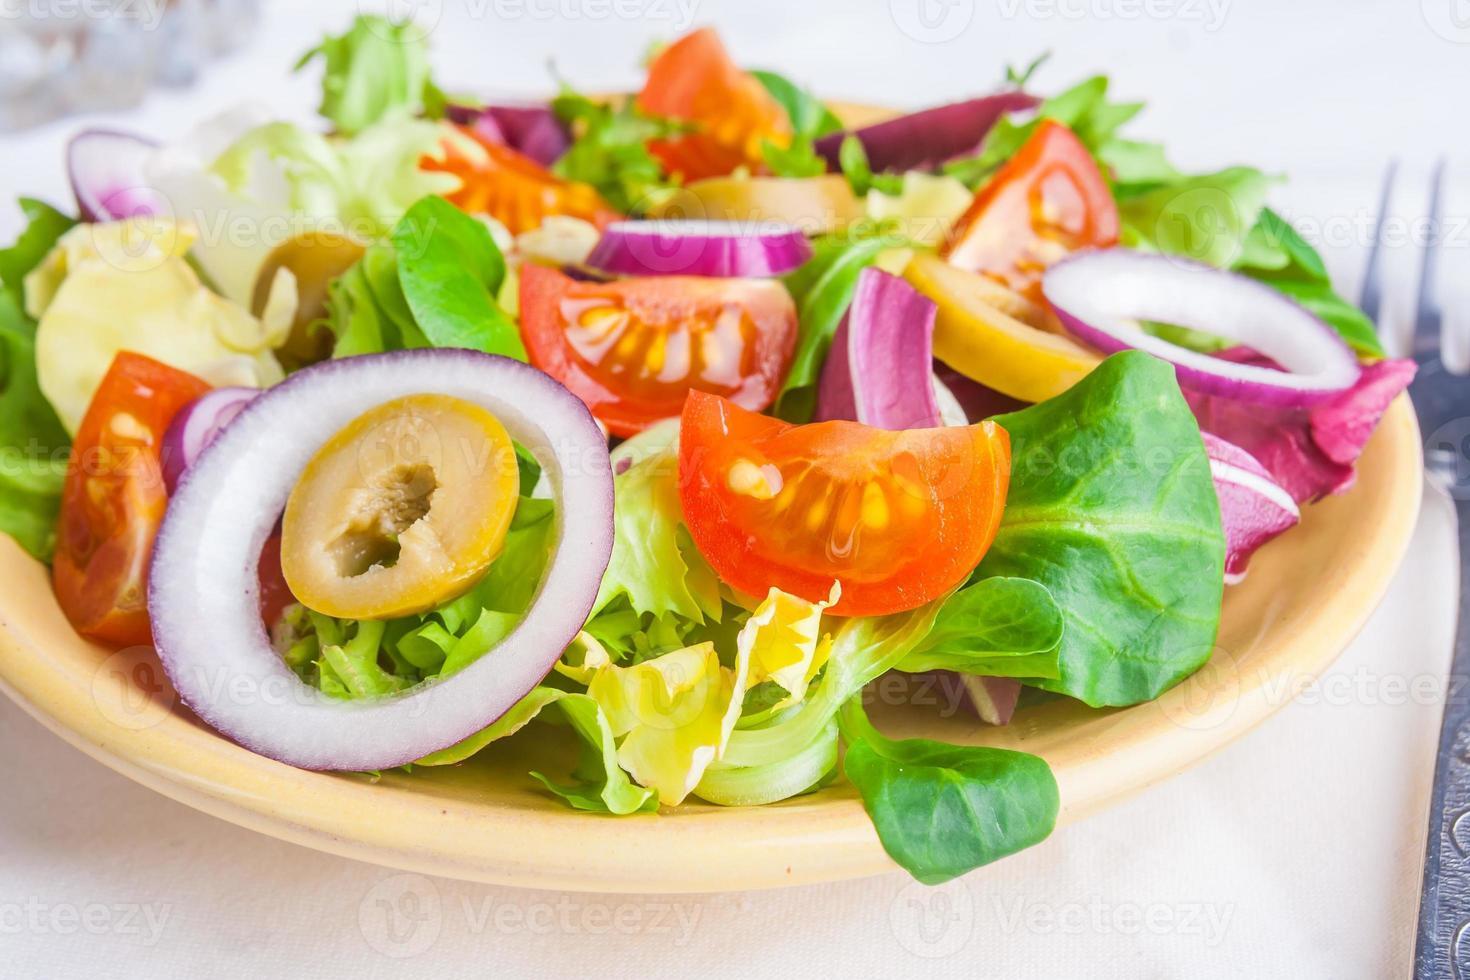 salade végétarienne avec laitue, tomates, olives et oignons photo